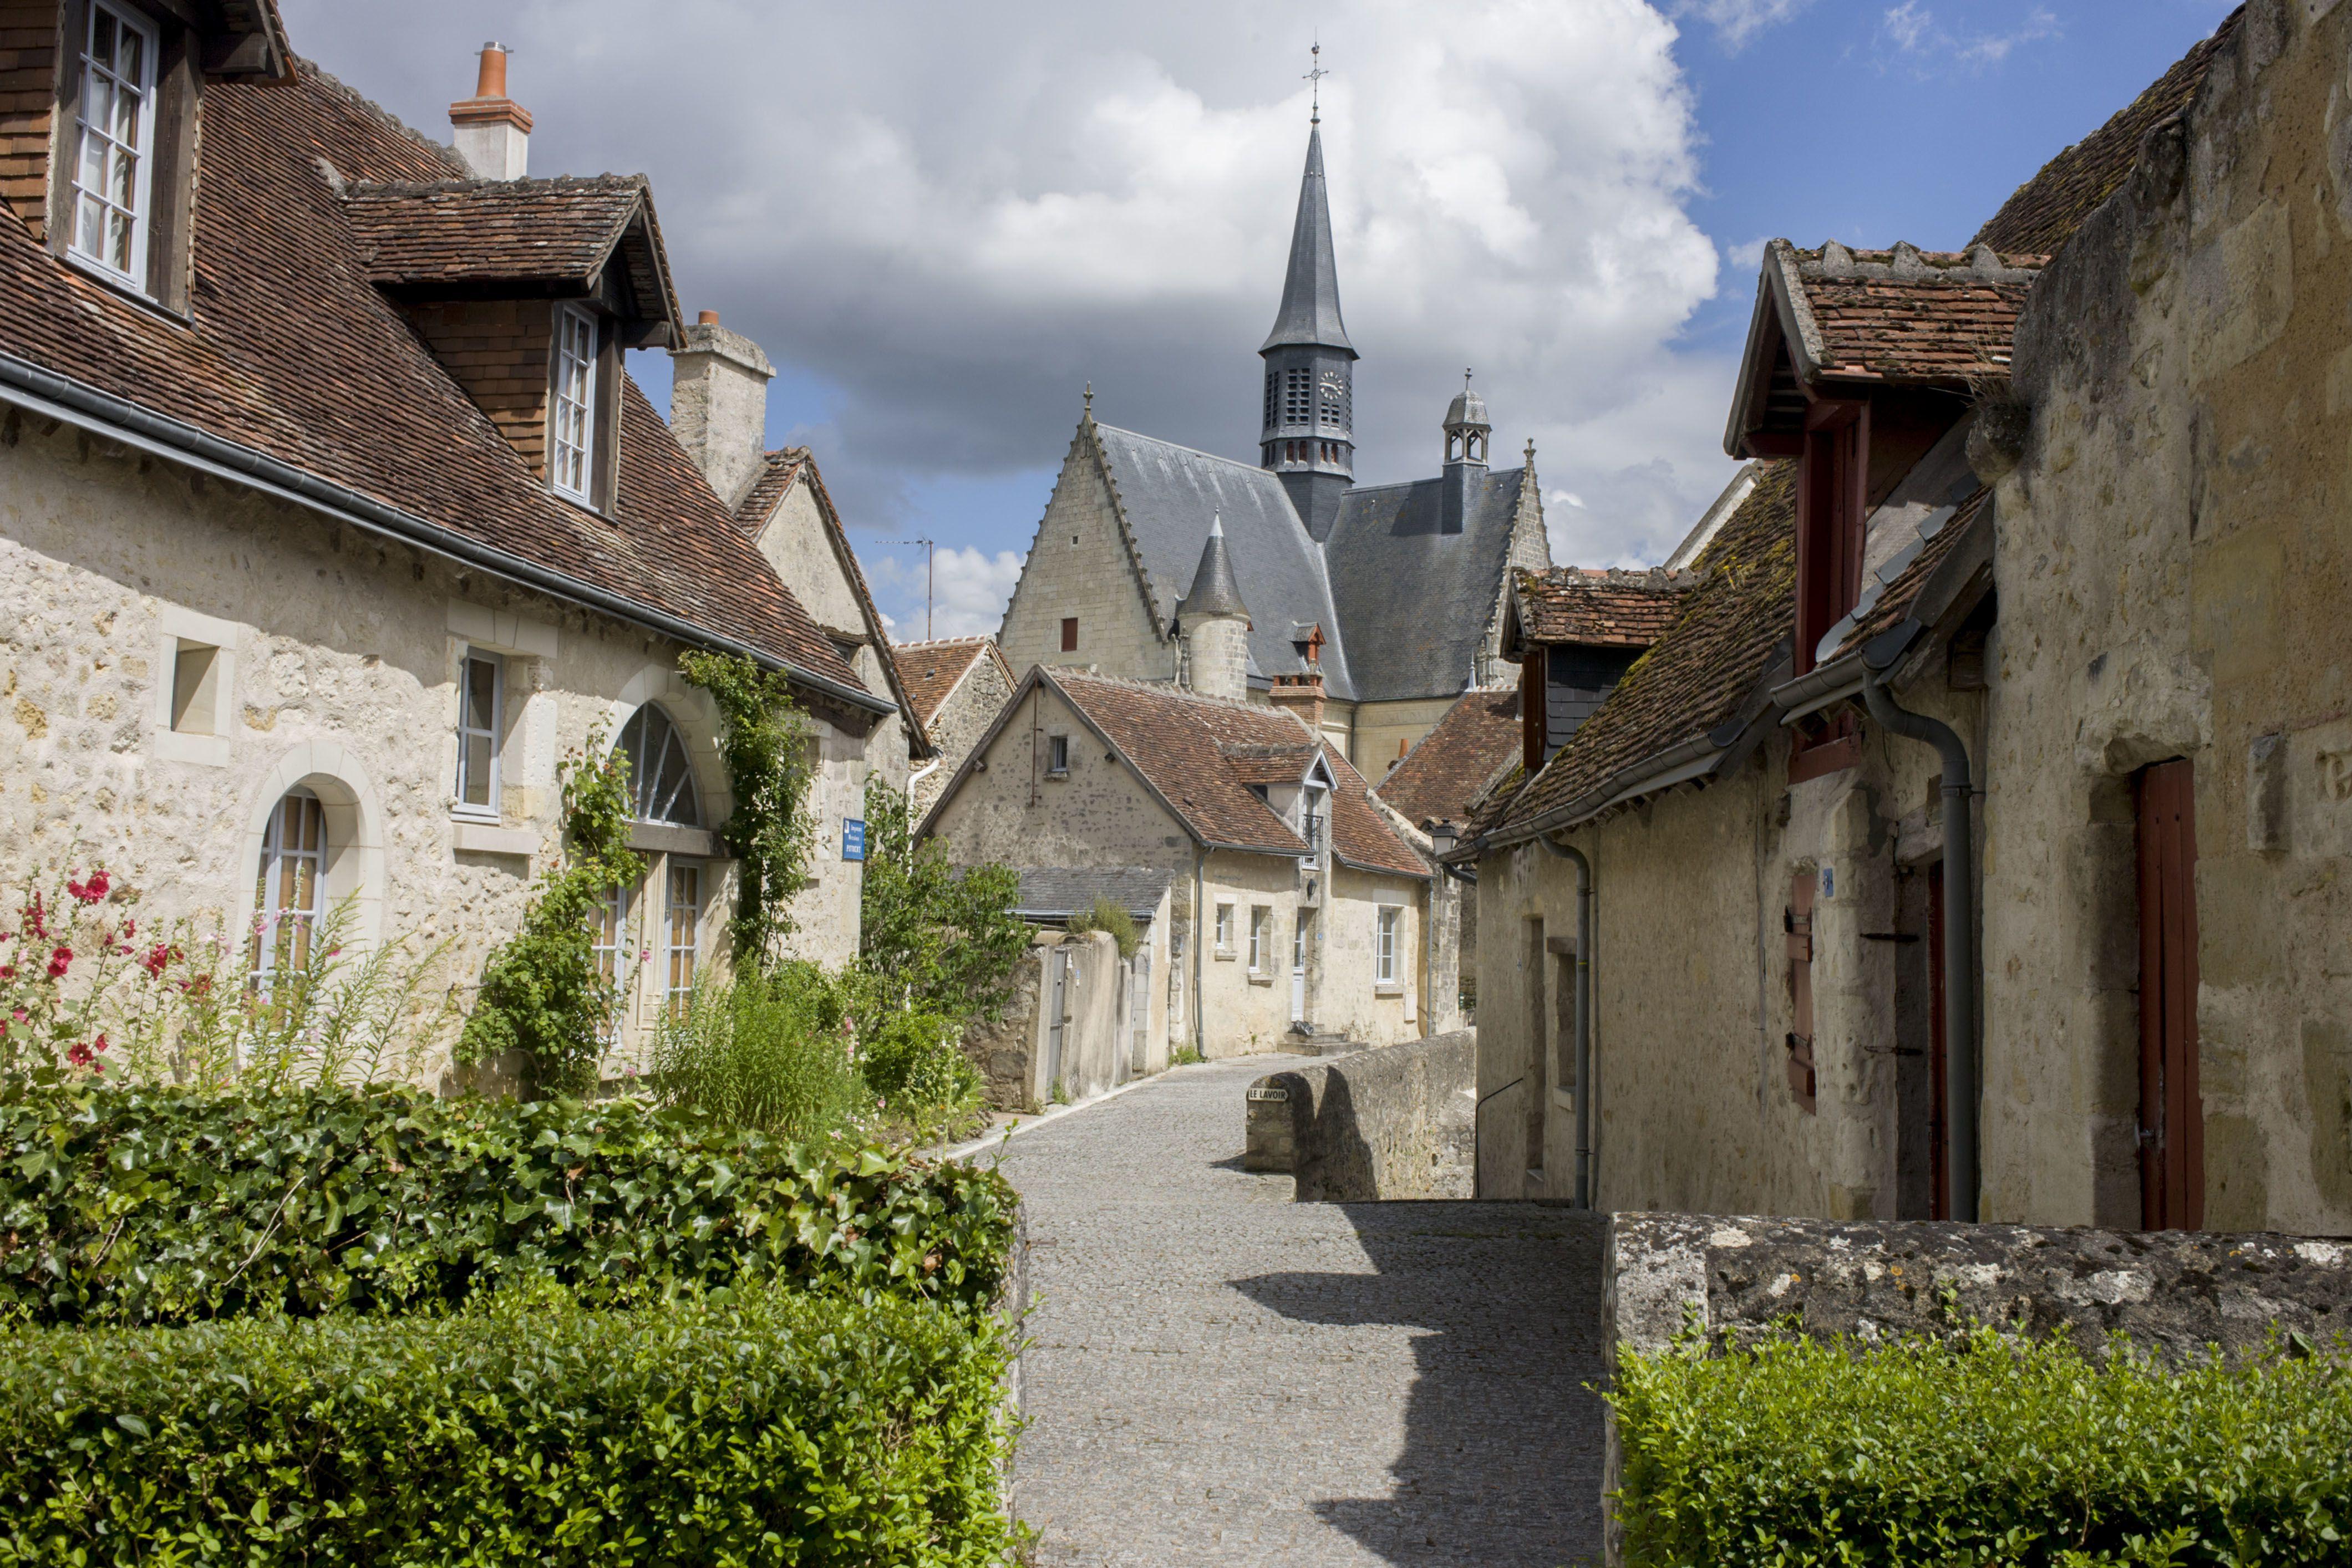 Medieval village houses in Montrésor, France